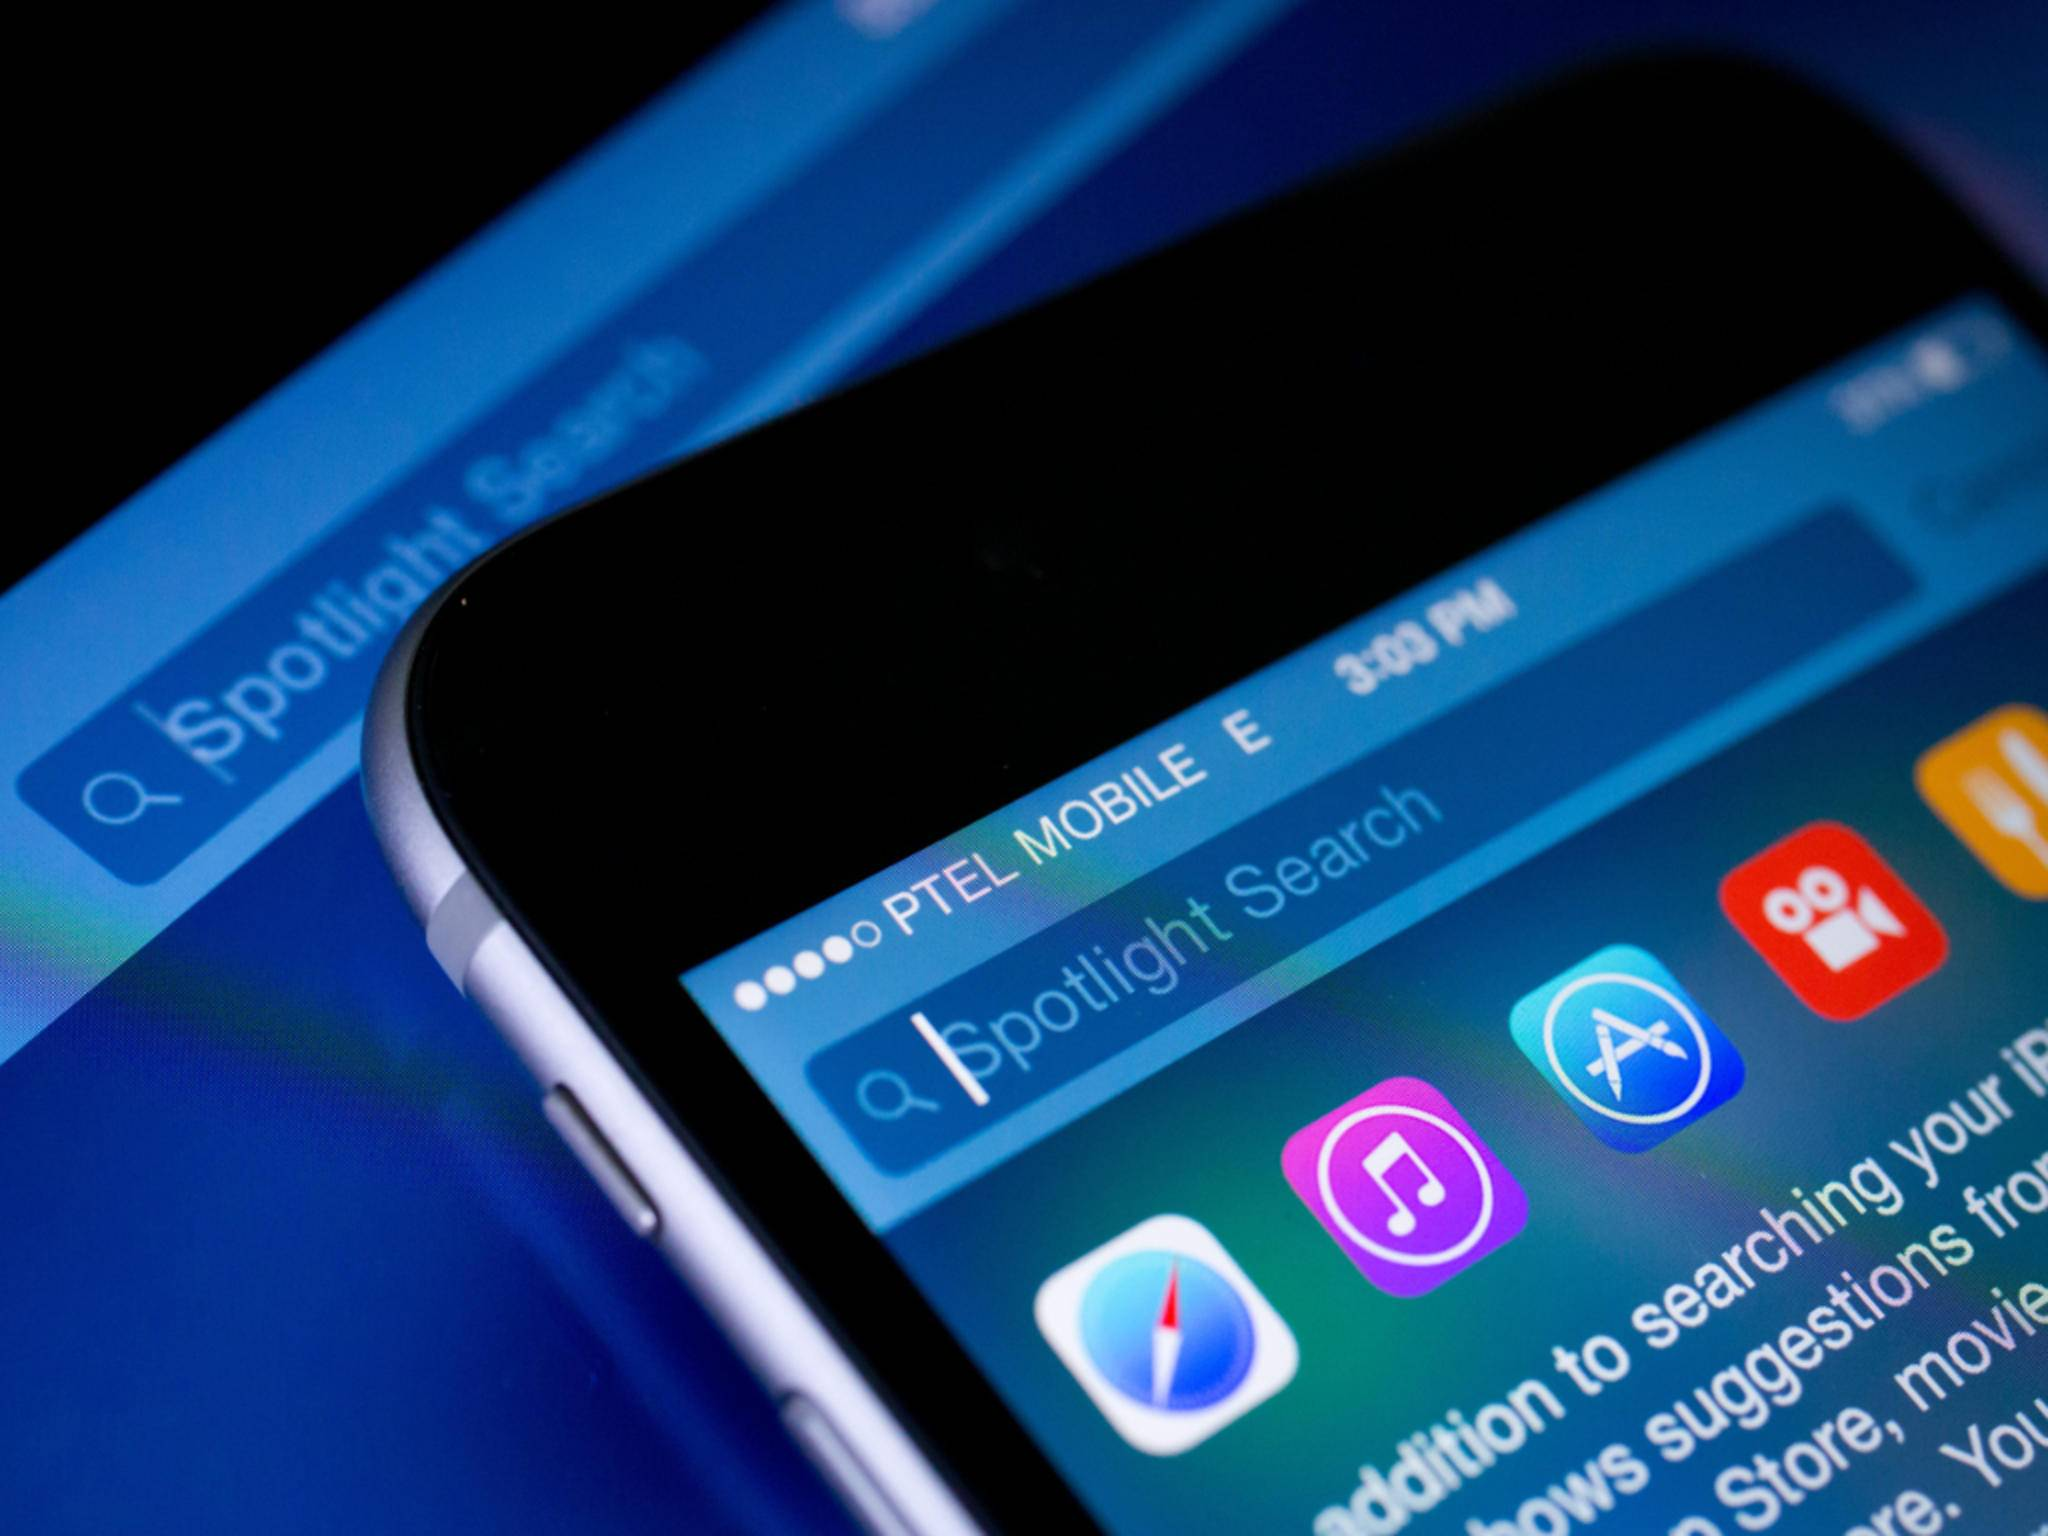 Die Sicherheitslücke Xara sorgte zuletzt für Aufregung bei Apple-Nutzern.